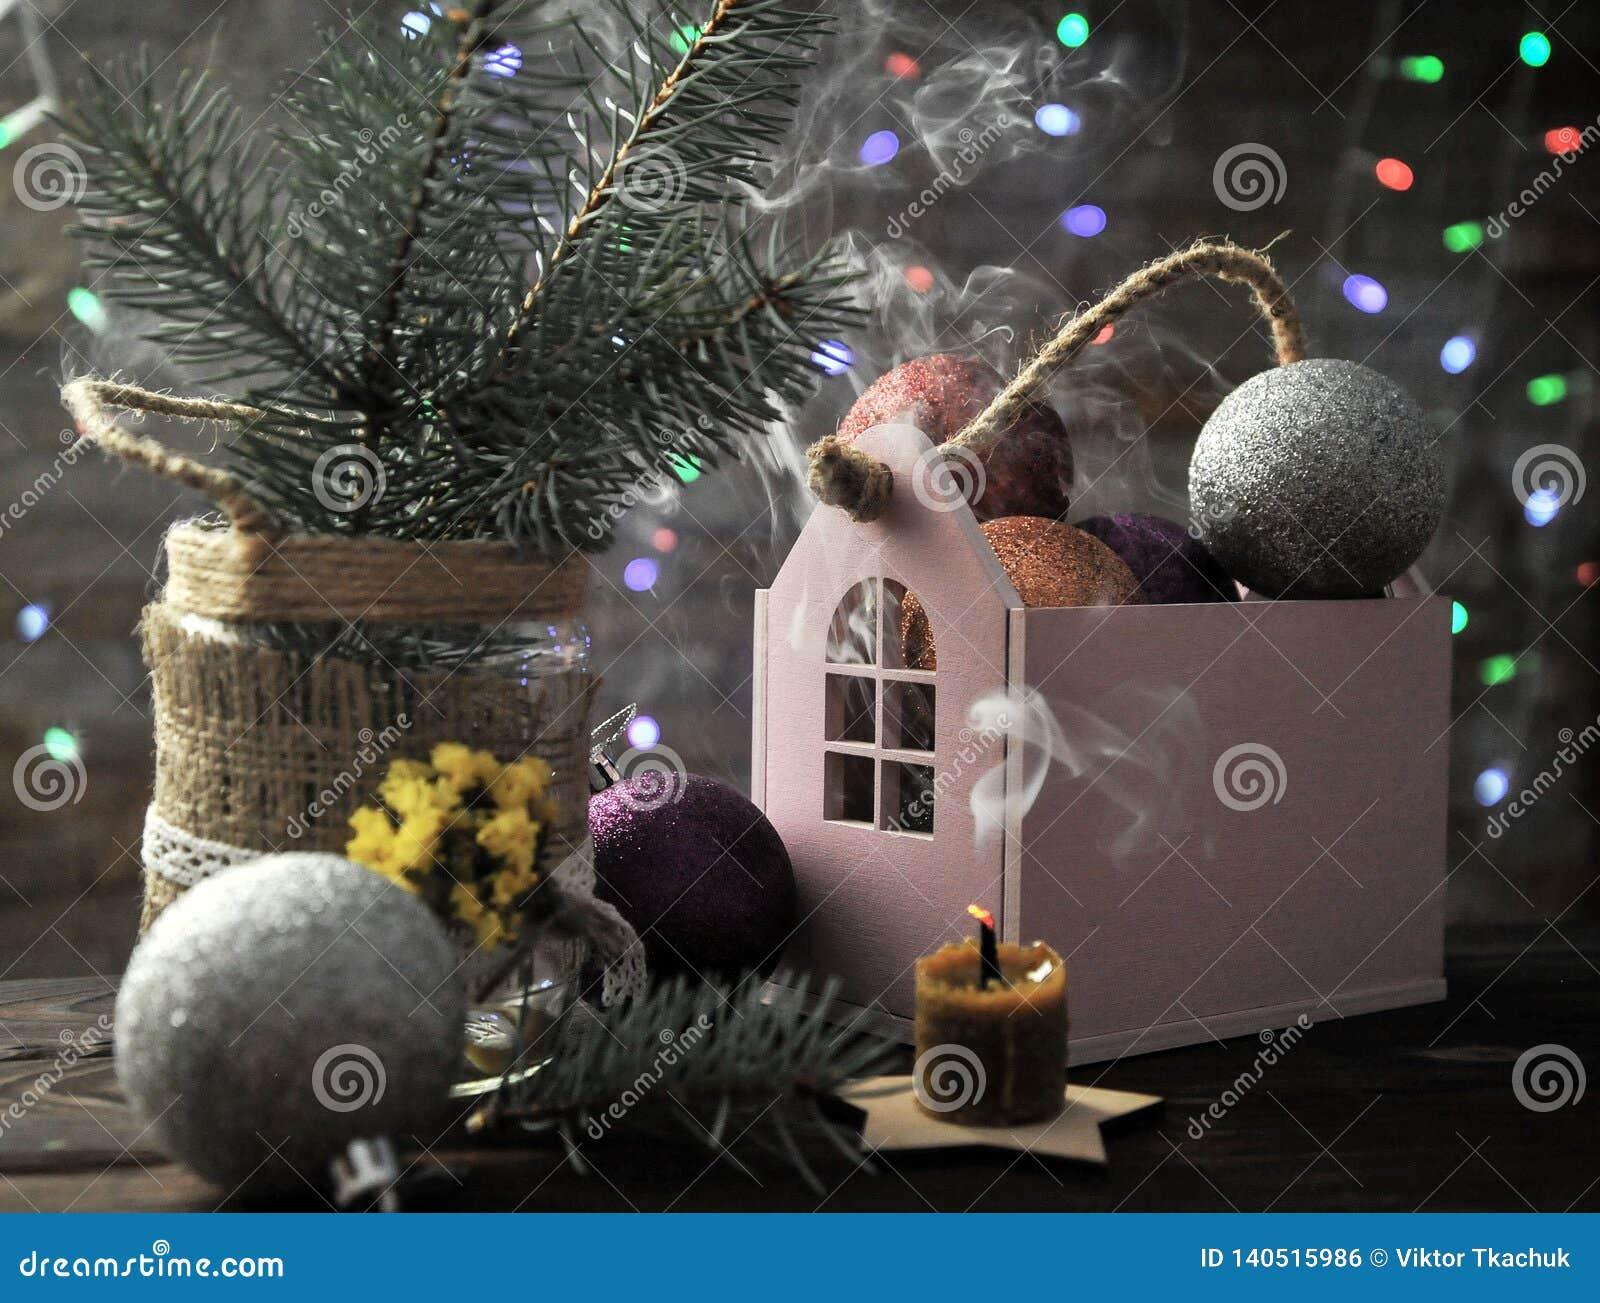 Composition en Noël avec une bougie, une maison et des décorations de Noël sur une table